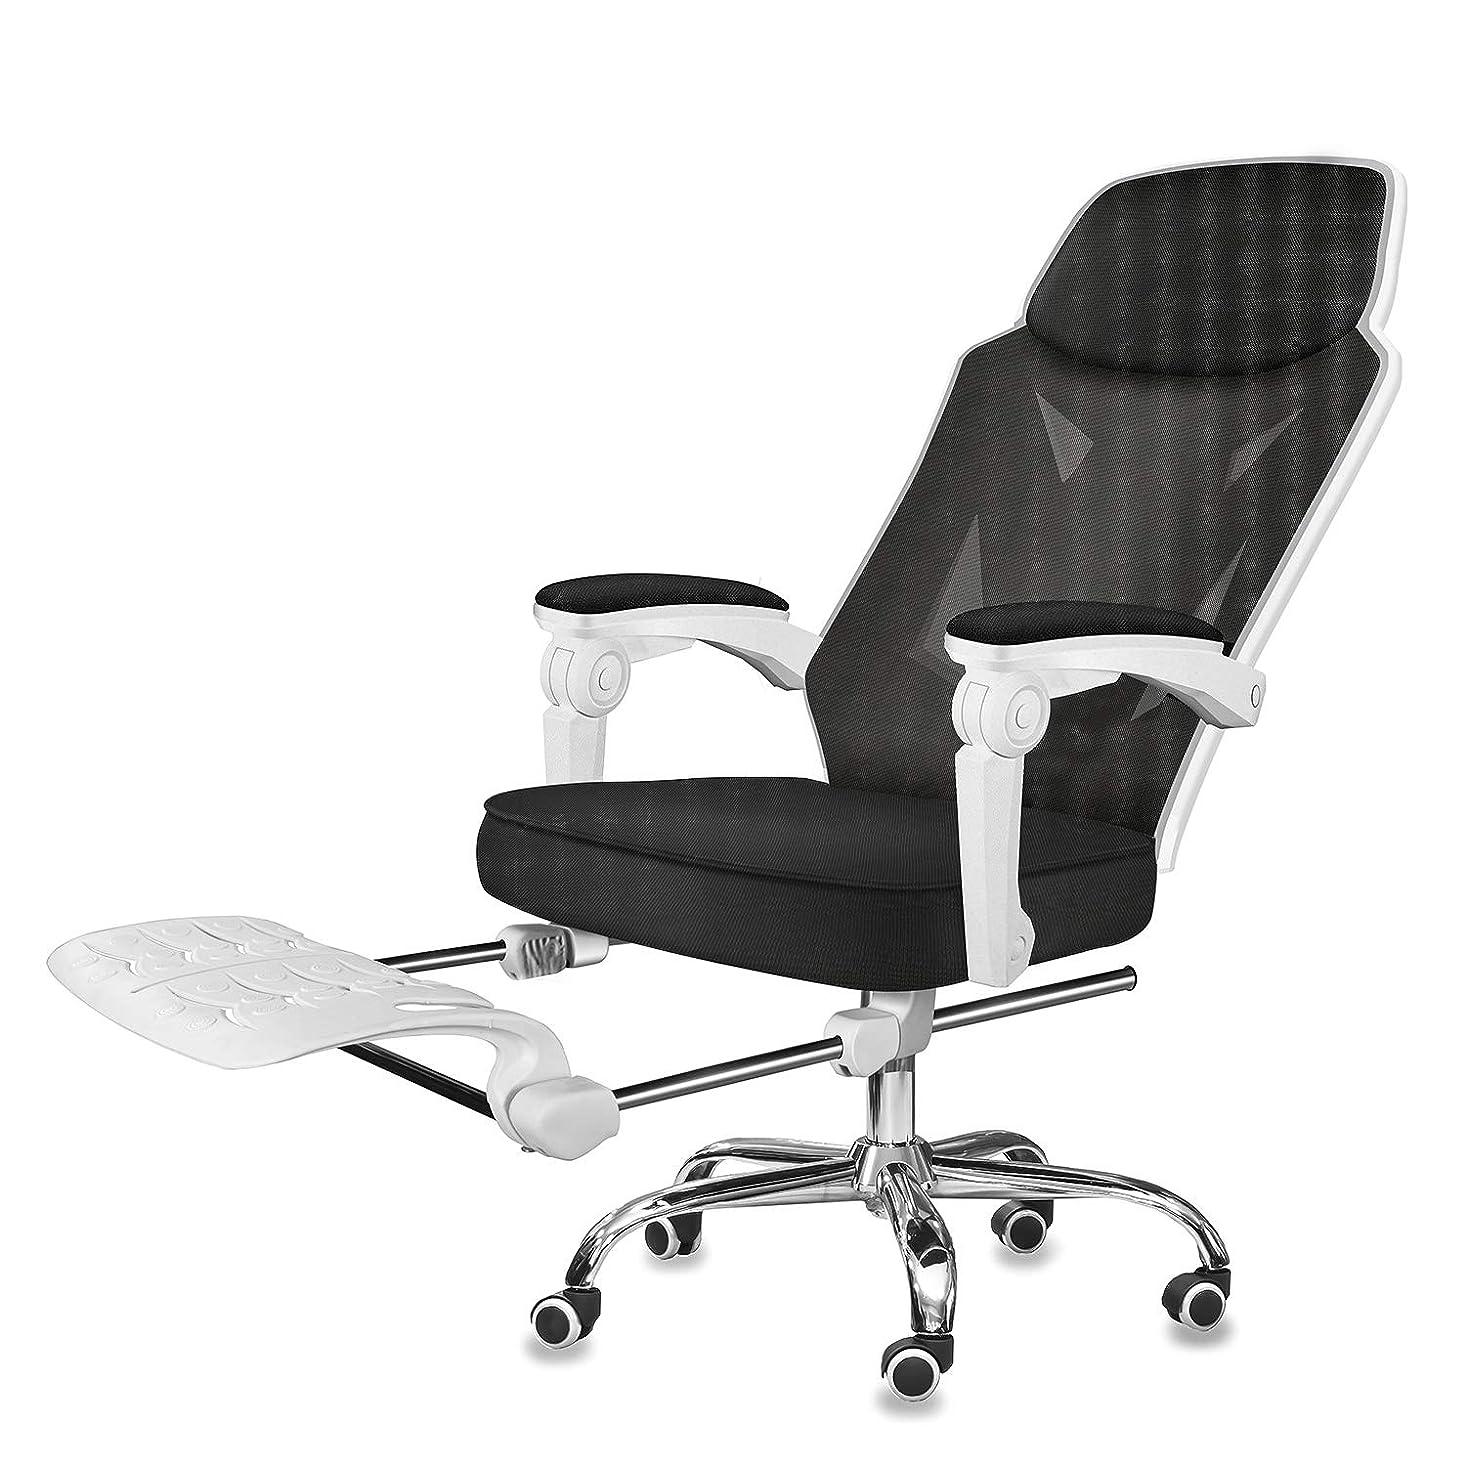 に勝る彼らの通常オフィスチェア ゲーミングチェア デスクチェア パソコンチェア ハイバック 連動肘 メッシュ 通気性 人間工学 リクライニング式 椅子 静音キャスター 360°回転可 多機能 フットレスト付き